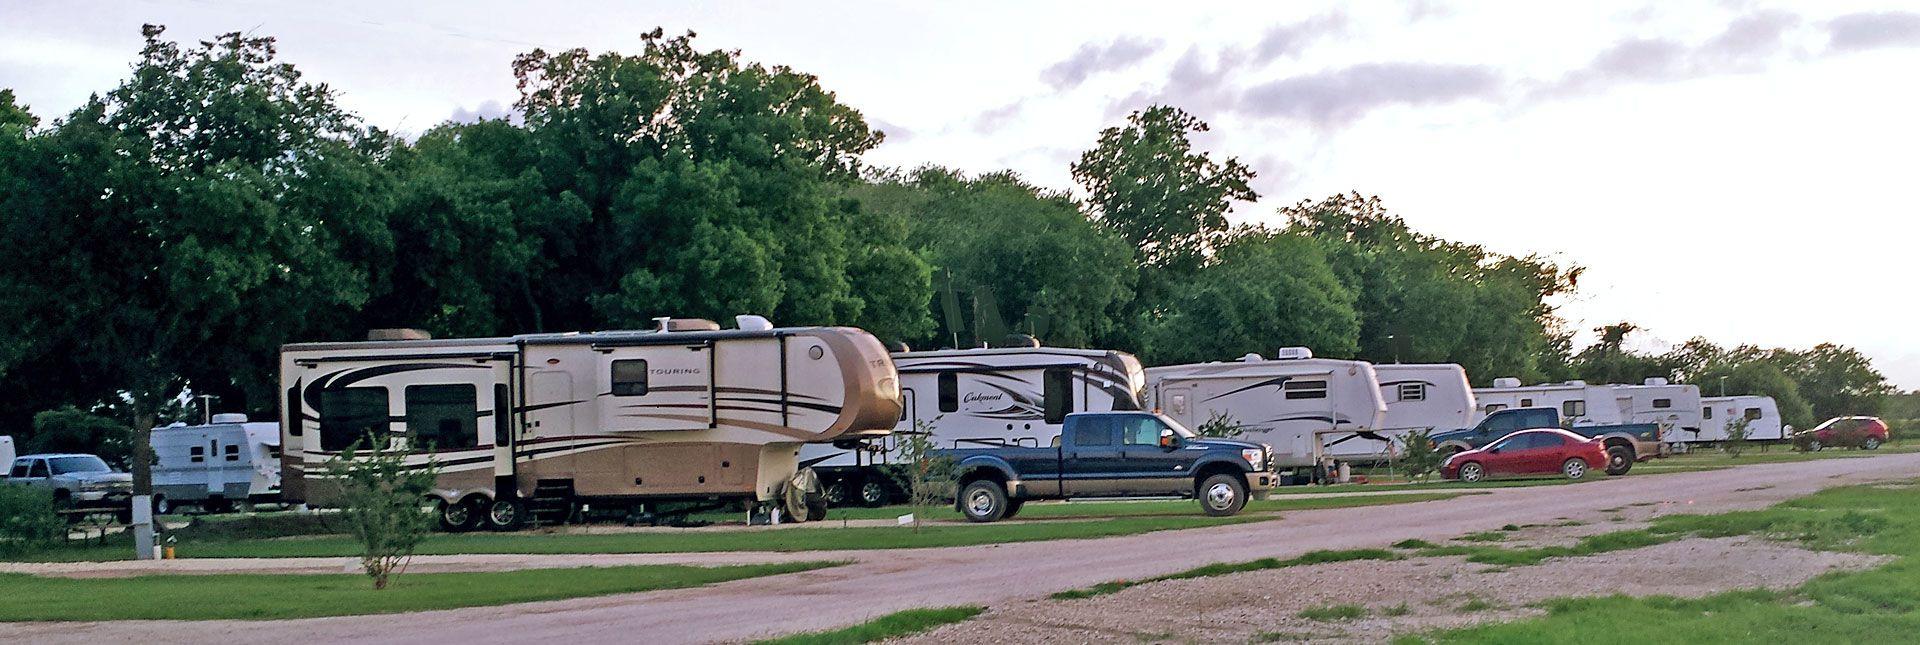 Hidden Valley Rv Park San Antonio Texas Rv Parks Rv Parks And Campgrounds San Antonio Texas